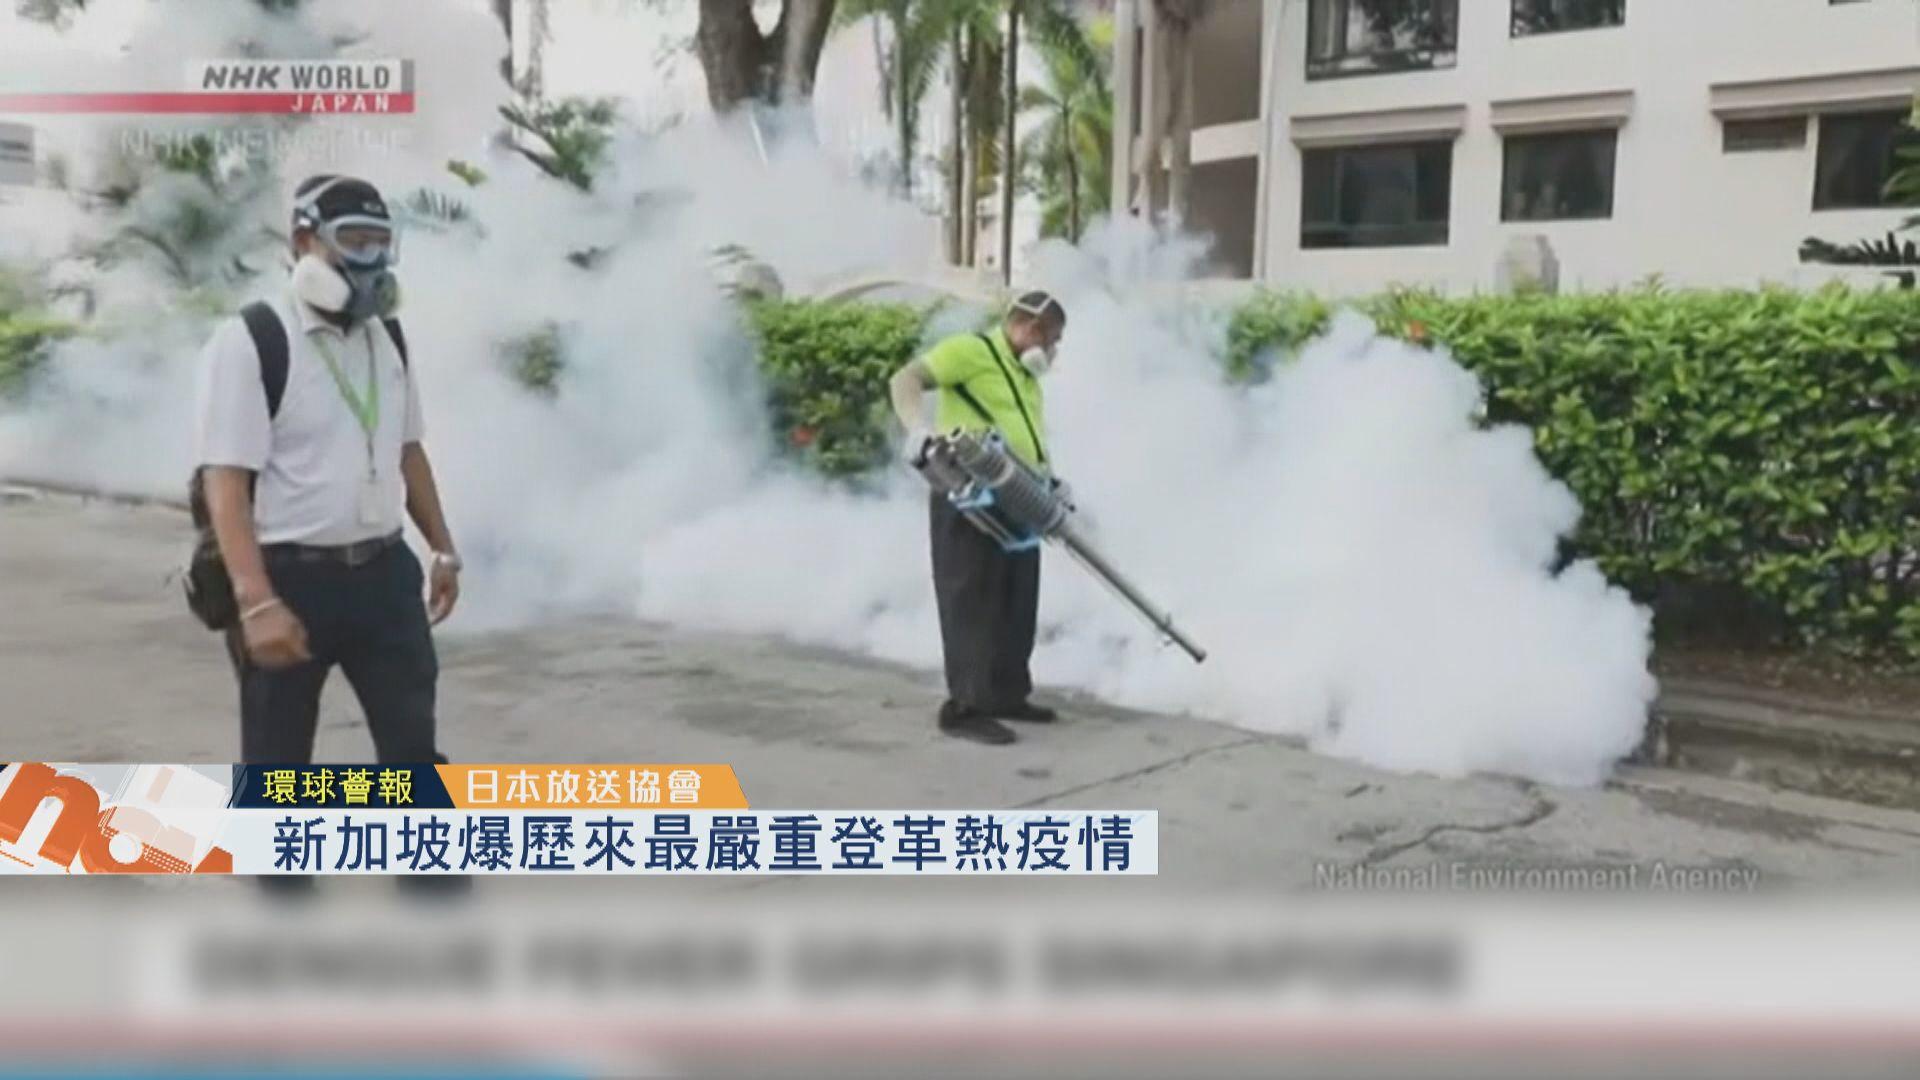 【環球薈報】新加坡爆歷來最嚴重登革熱疫情